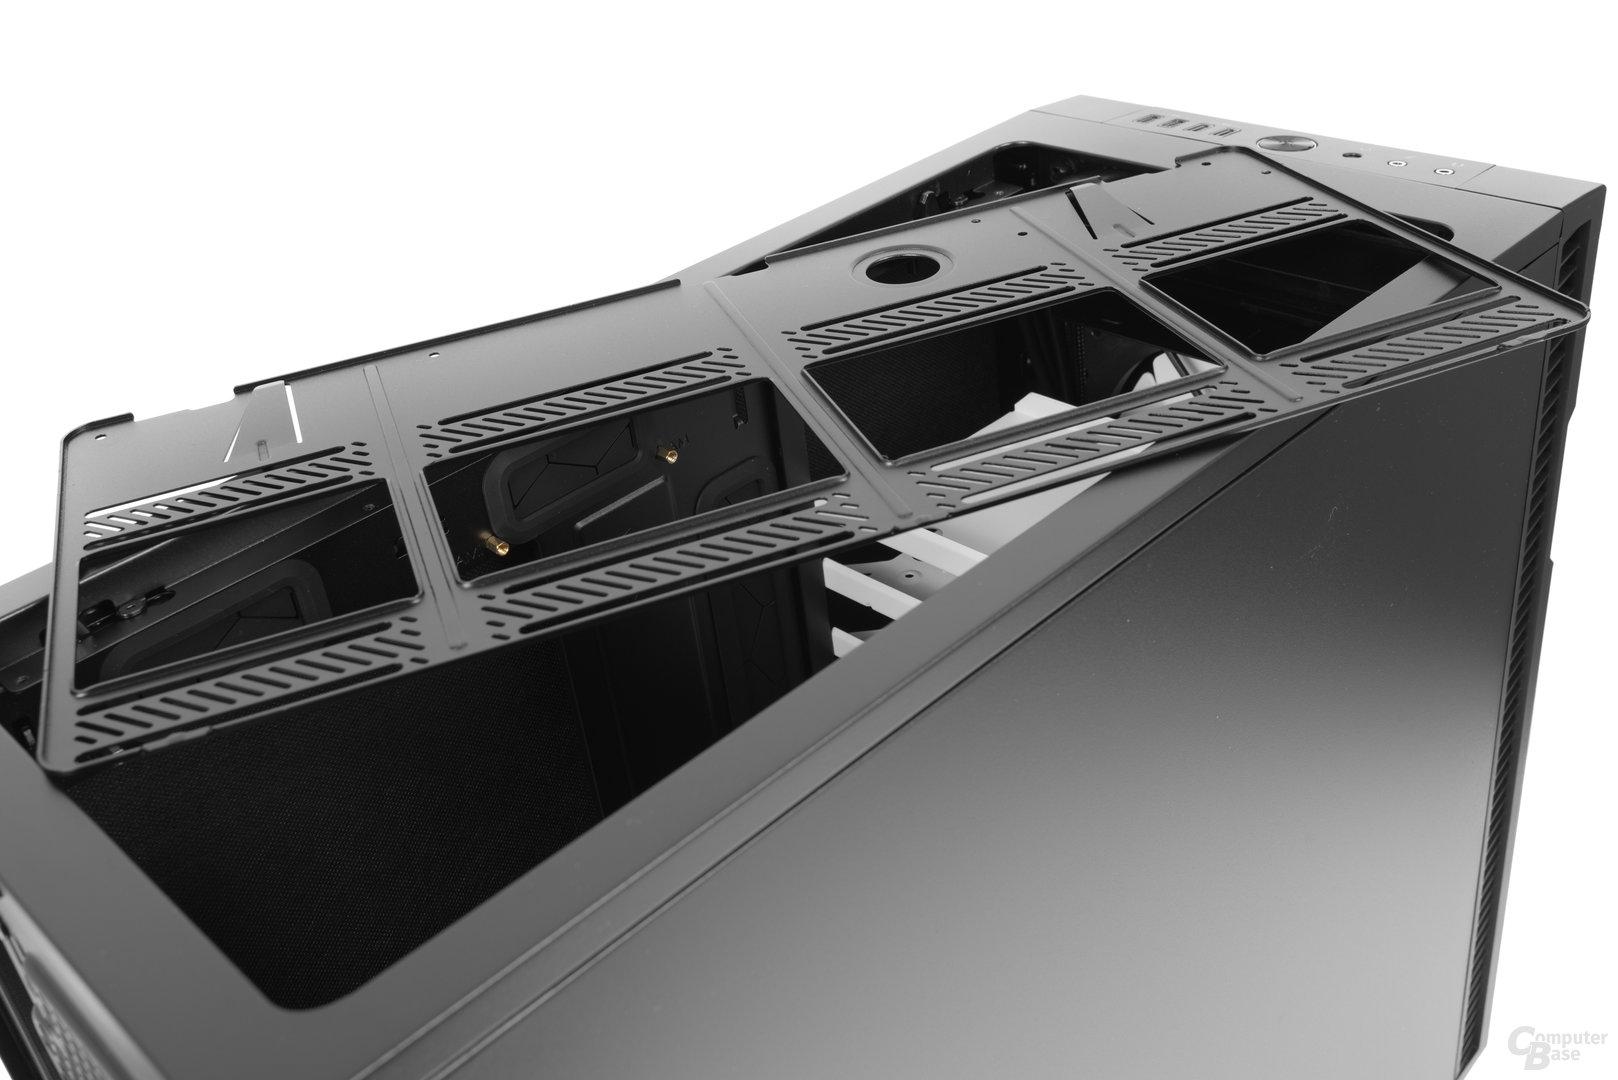 Fractal Design Define R6 – Zur einfacheren Montage kann das Stahlbracket im Deckel entnommen werden